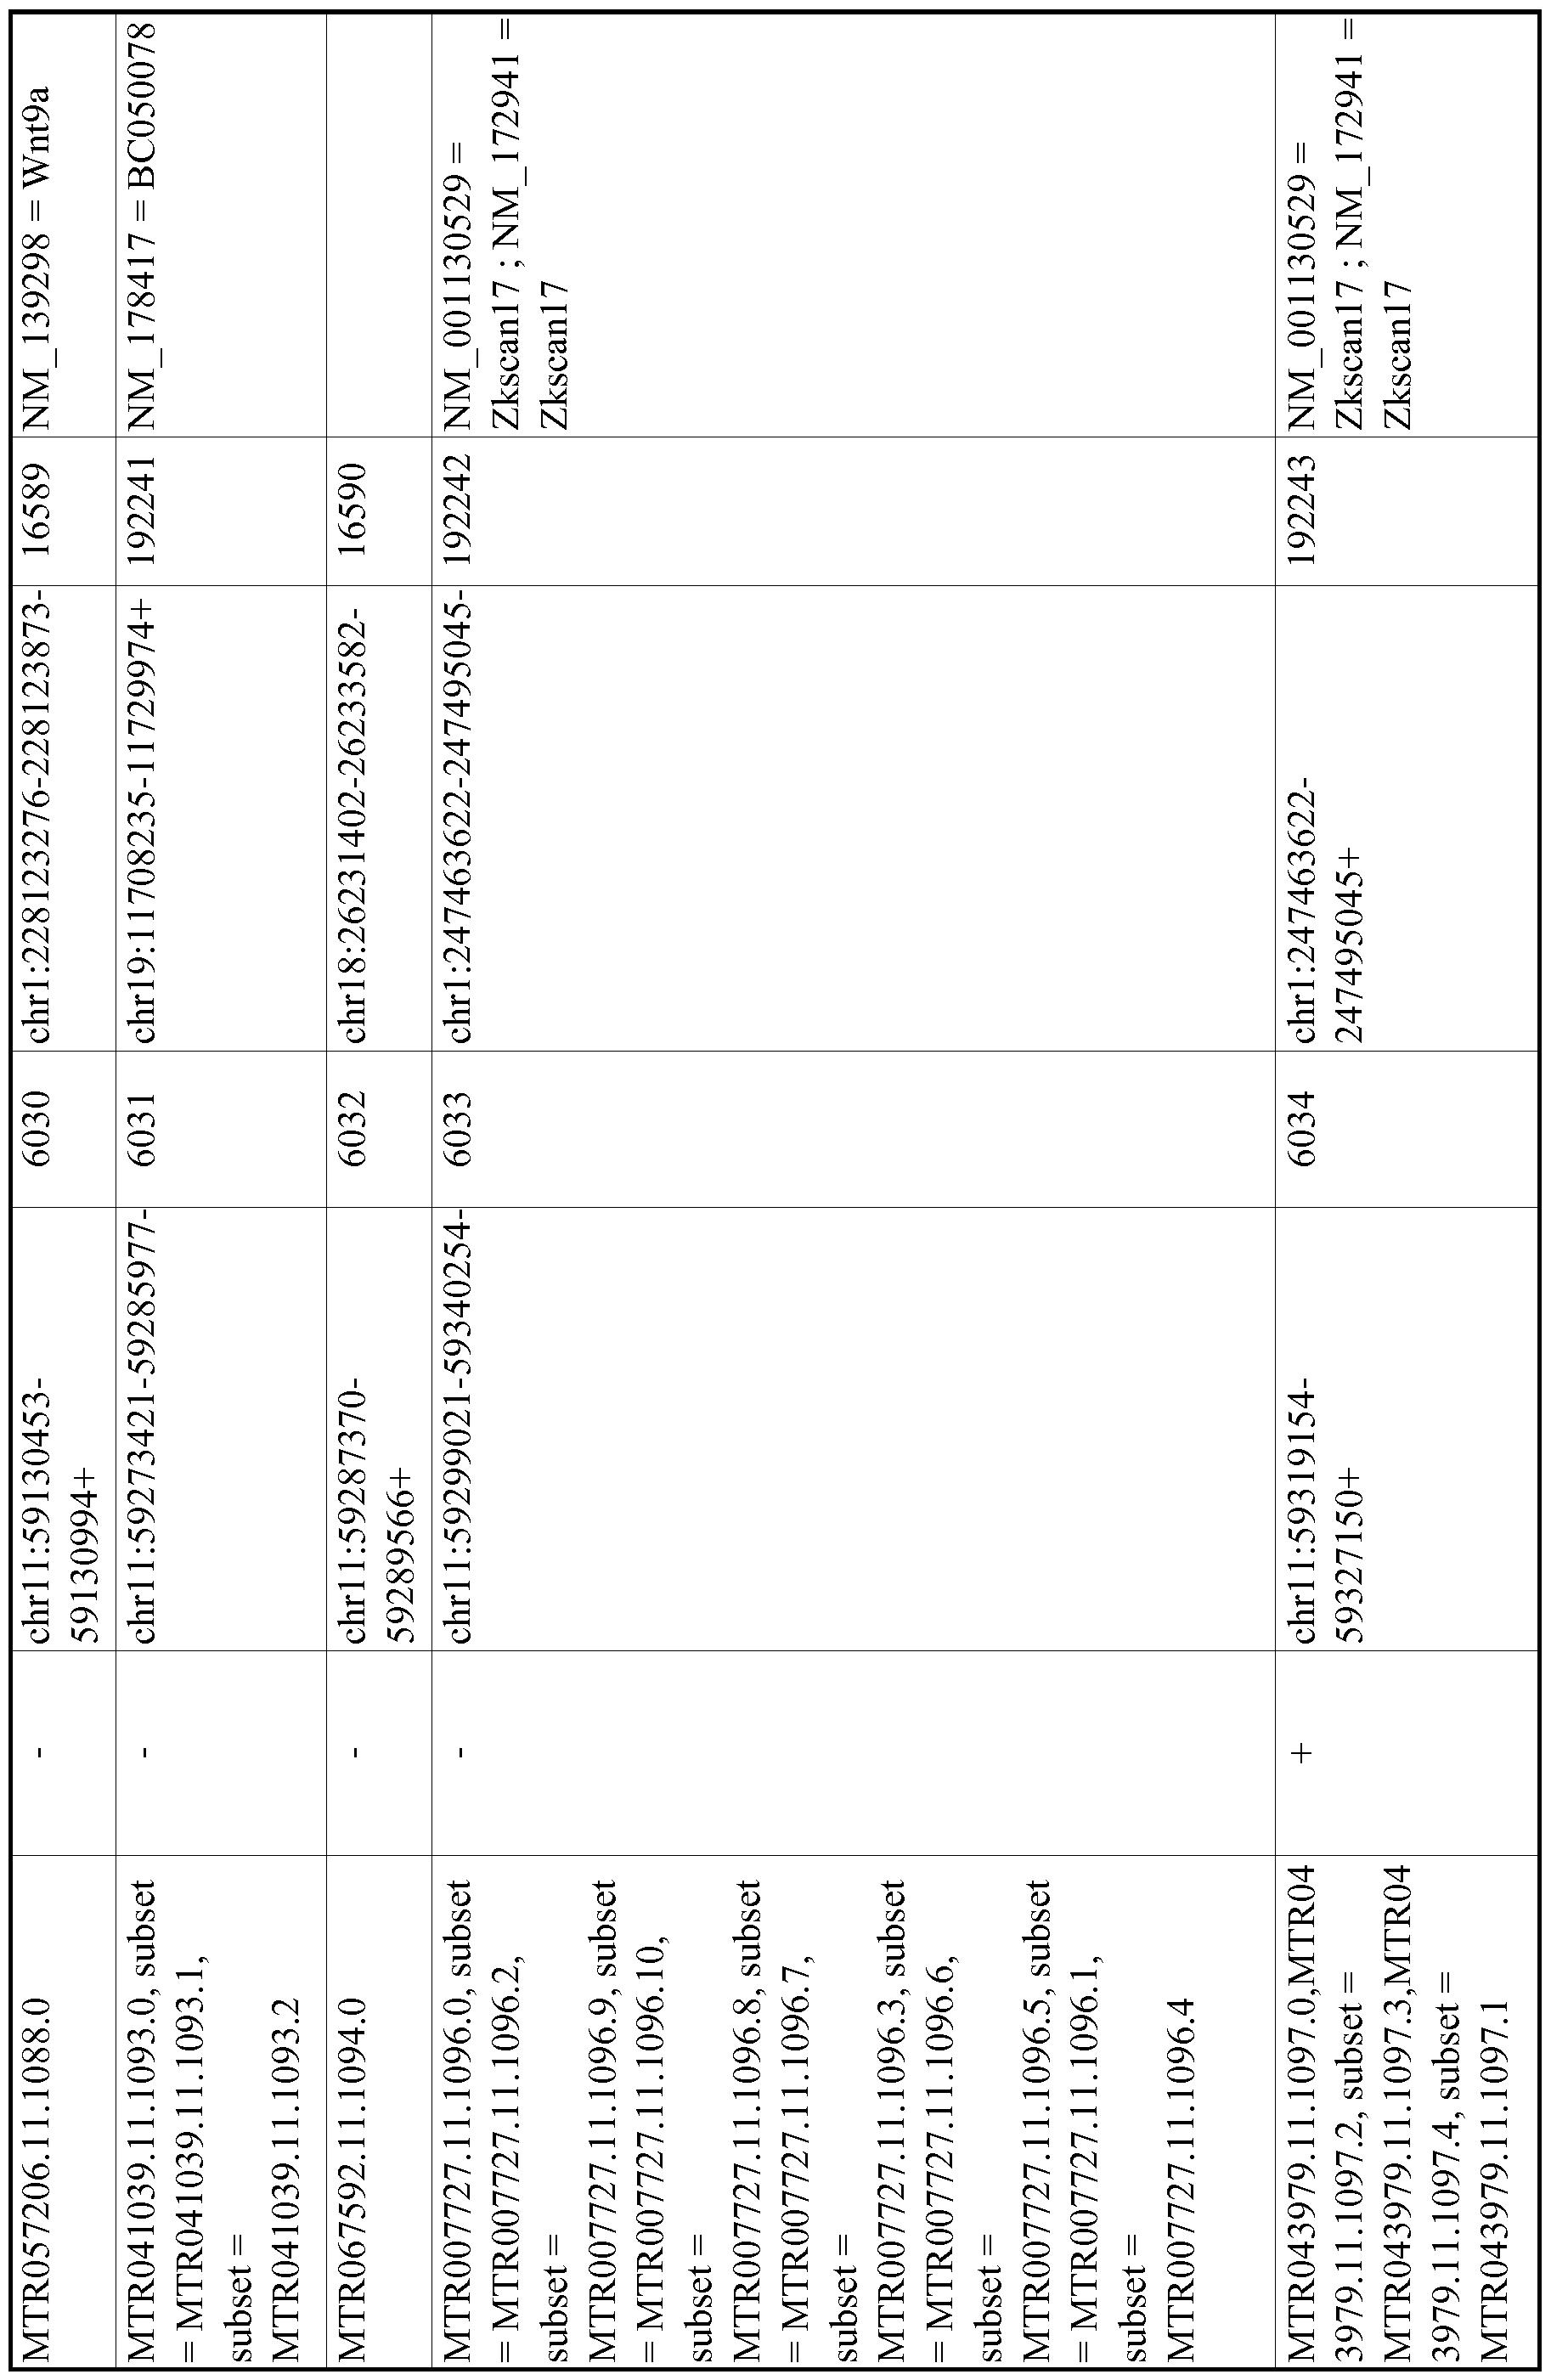 Figure imgf001086_0001